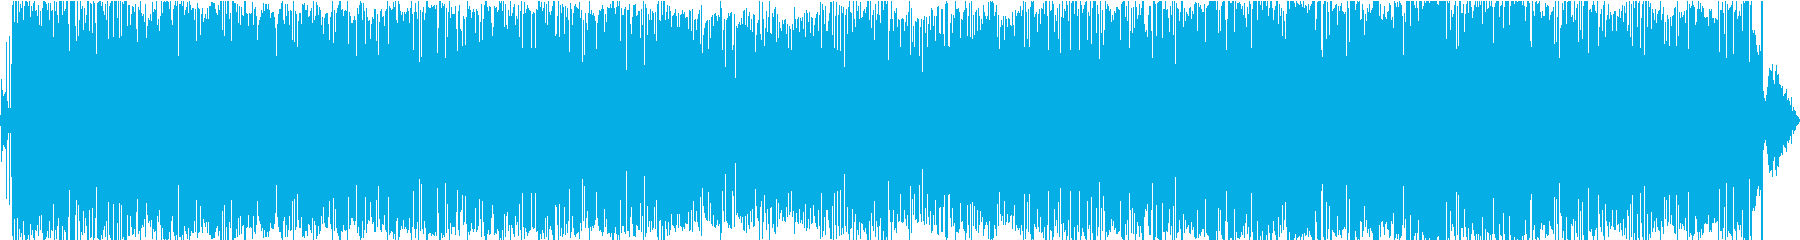 ジャズ。男性の声のカウント:1、2…..の再生済みの波形